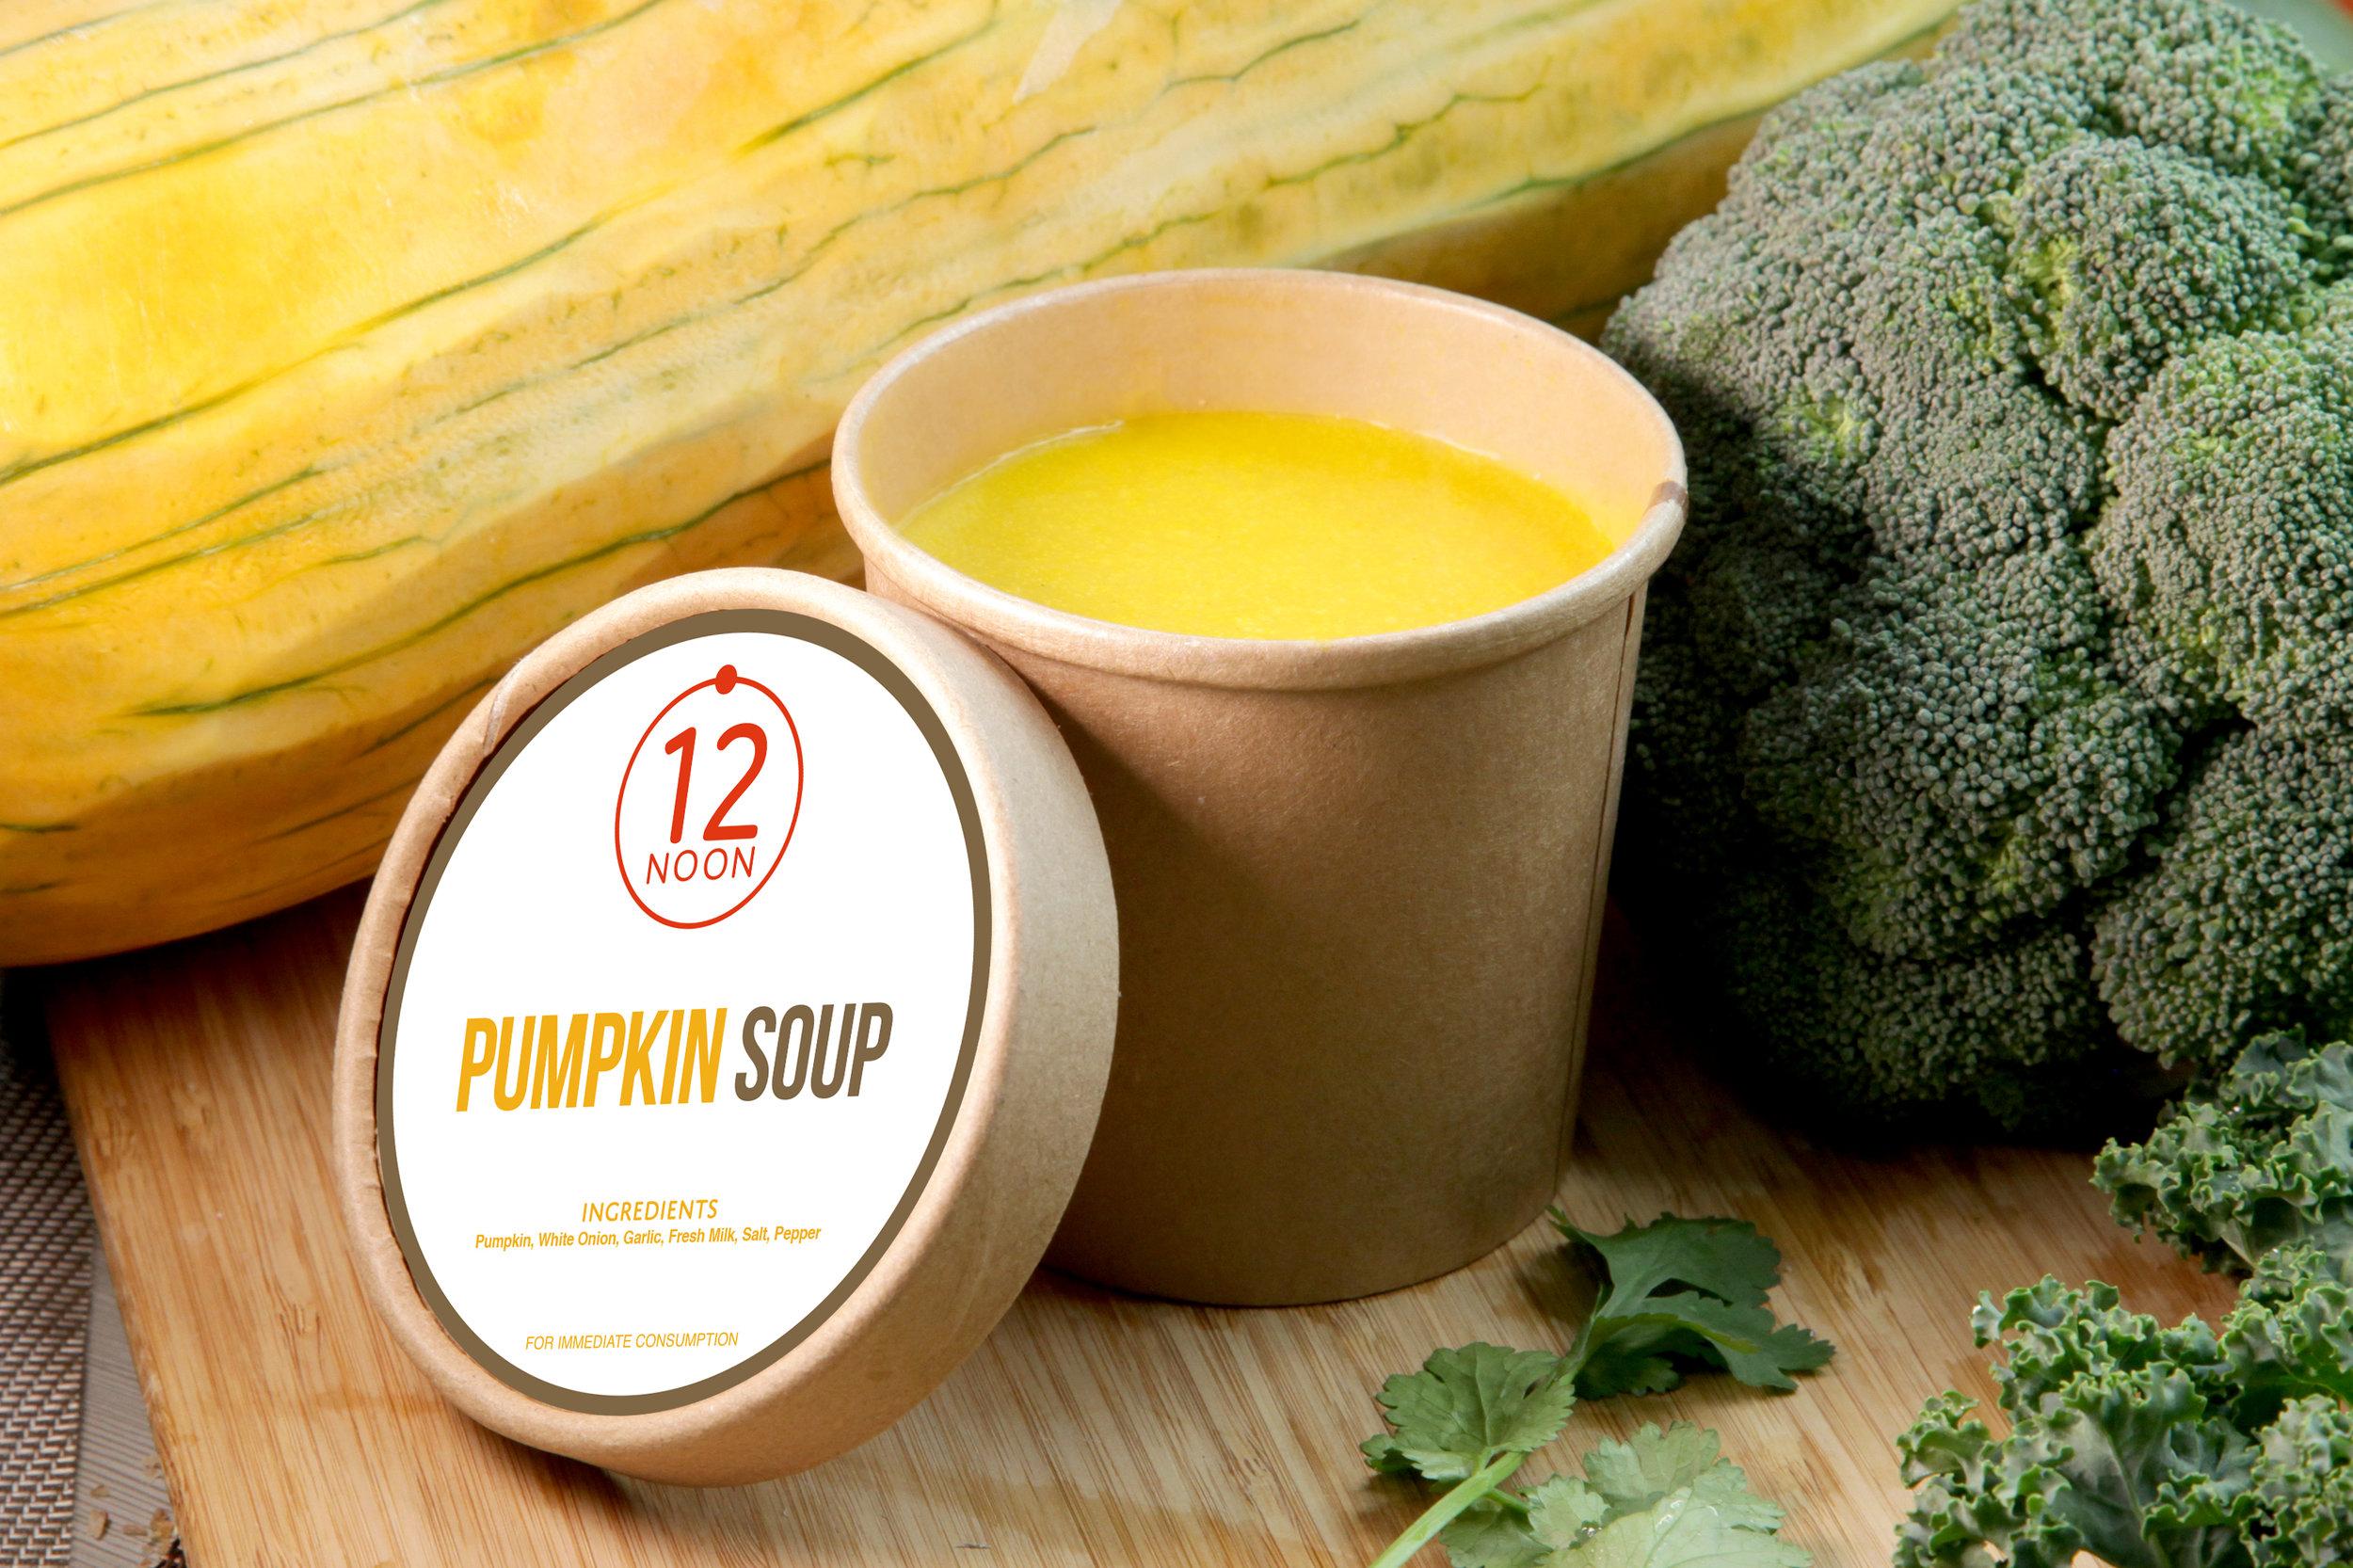 PUMPKIN SOUP - 78 KCAL PER SERVINGPumpkin, White Onion, Garlic, Light Cream, Salt, Pepper.$28